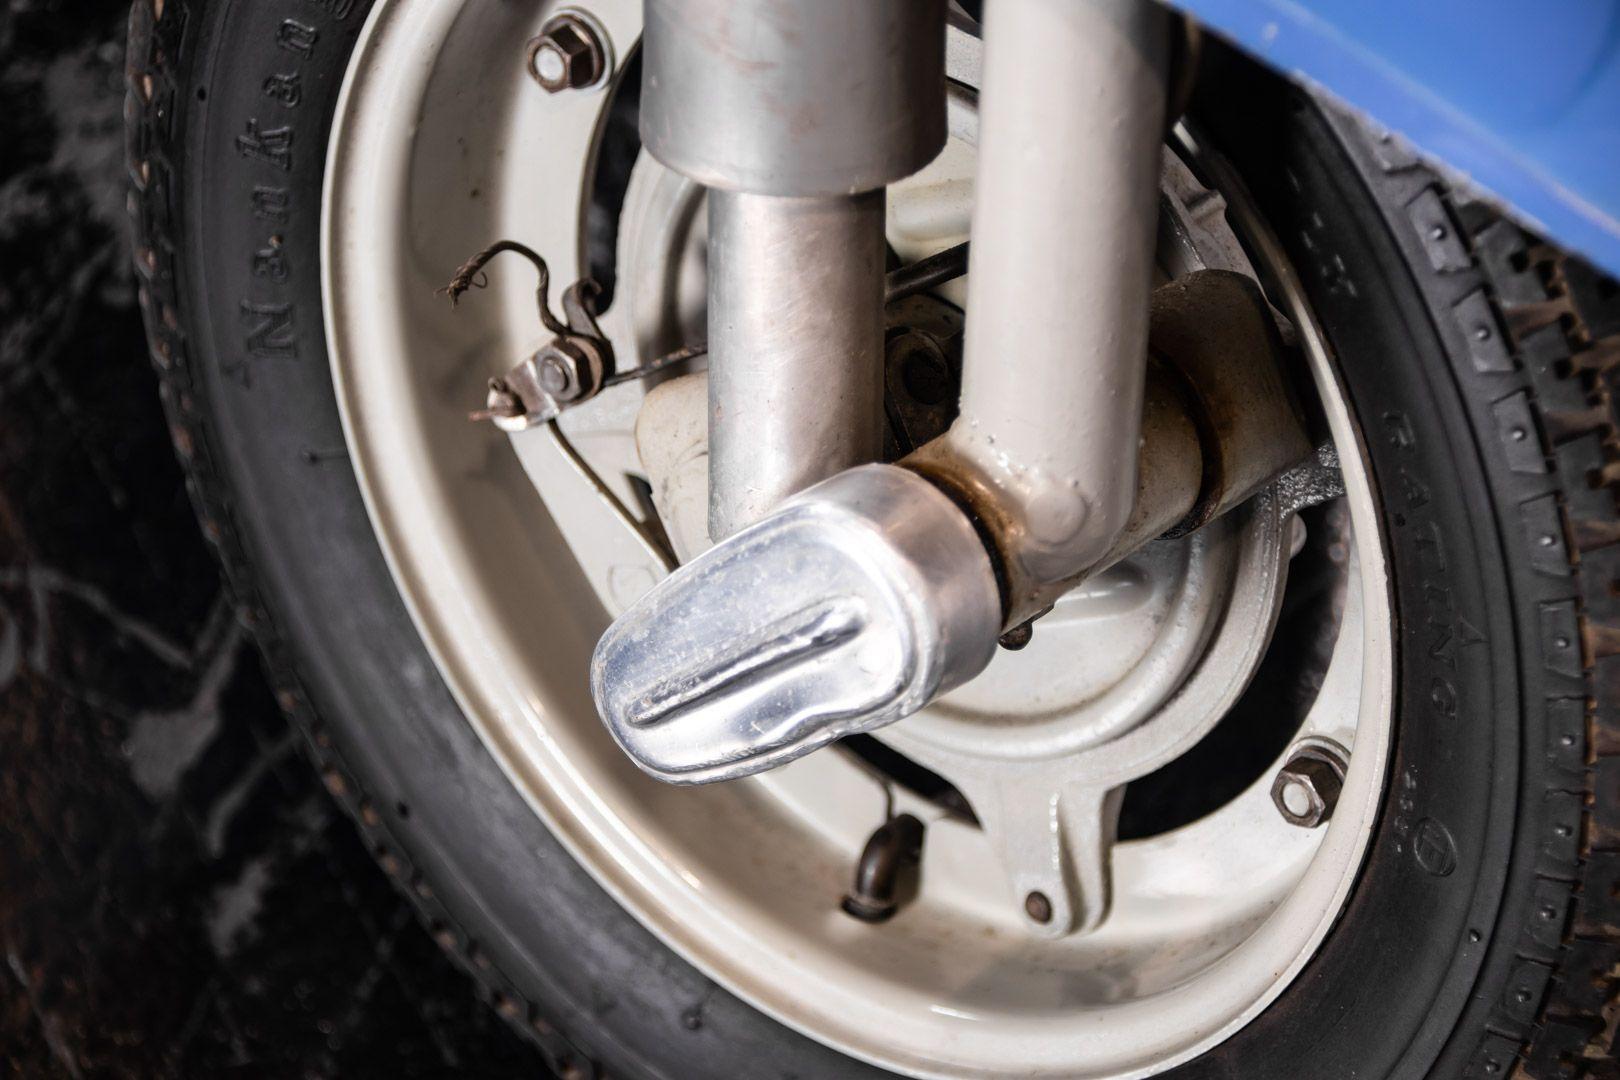 1974 Piaggio Vespa 50 3 marce 83511